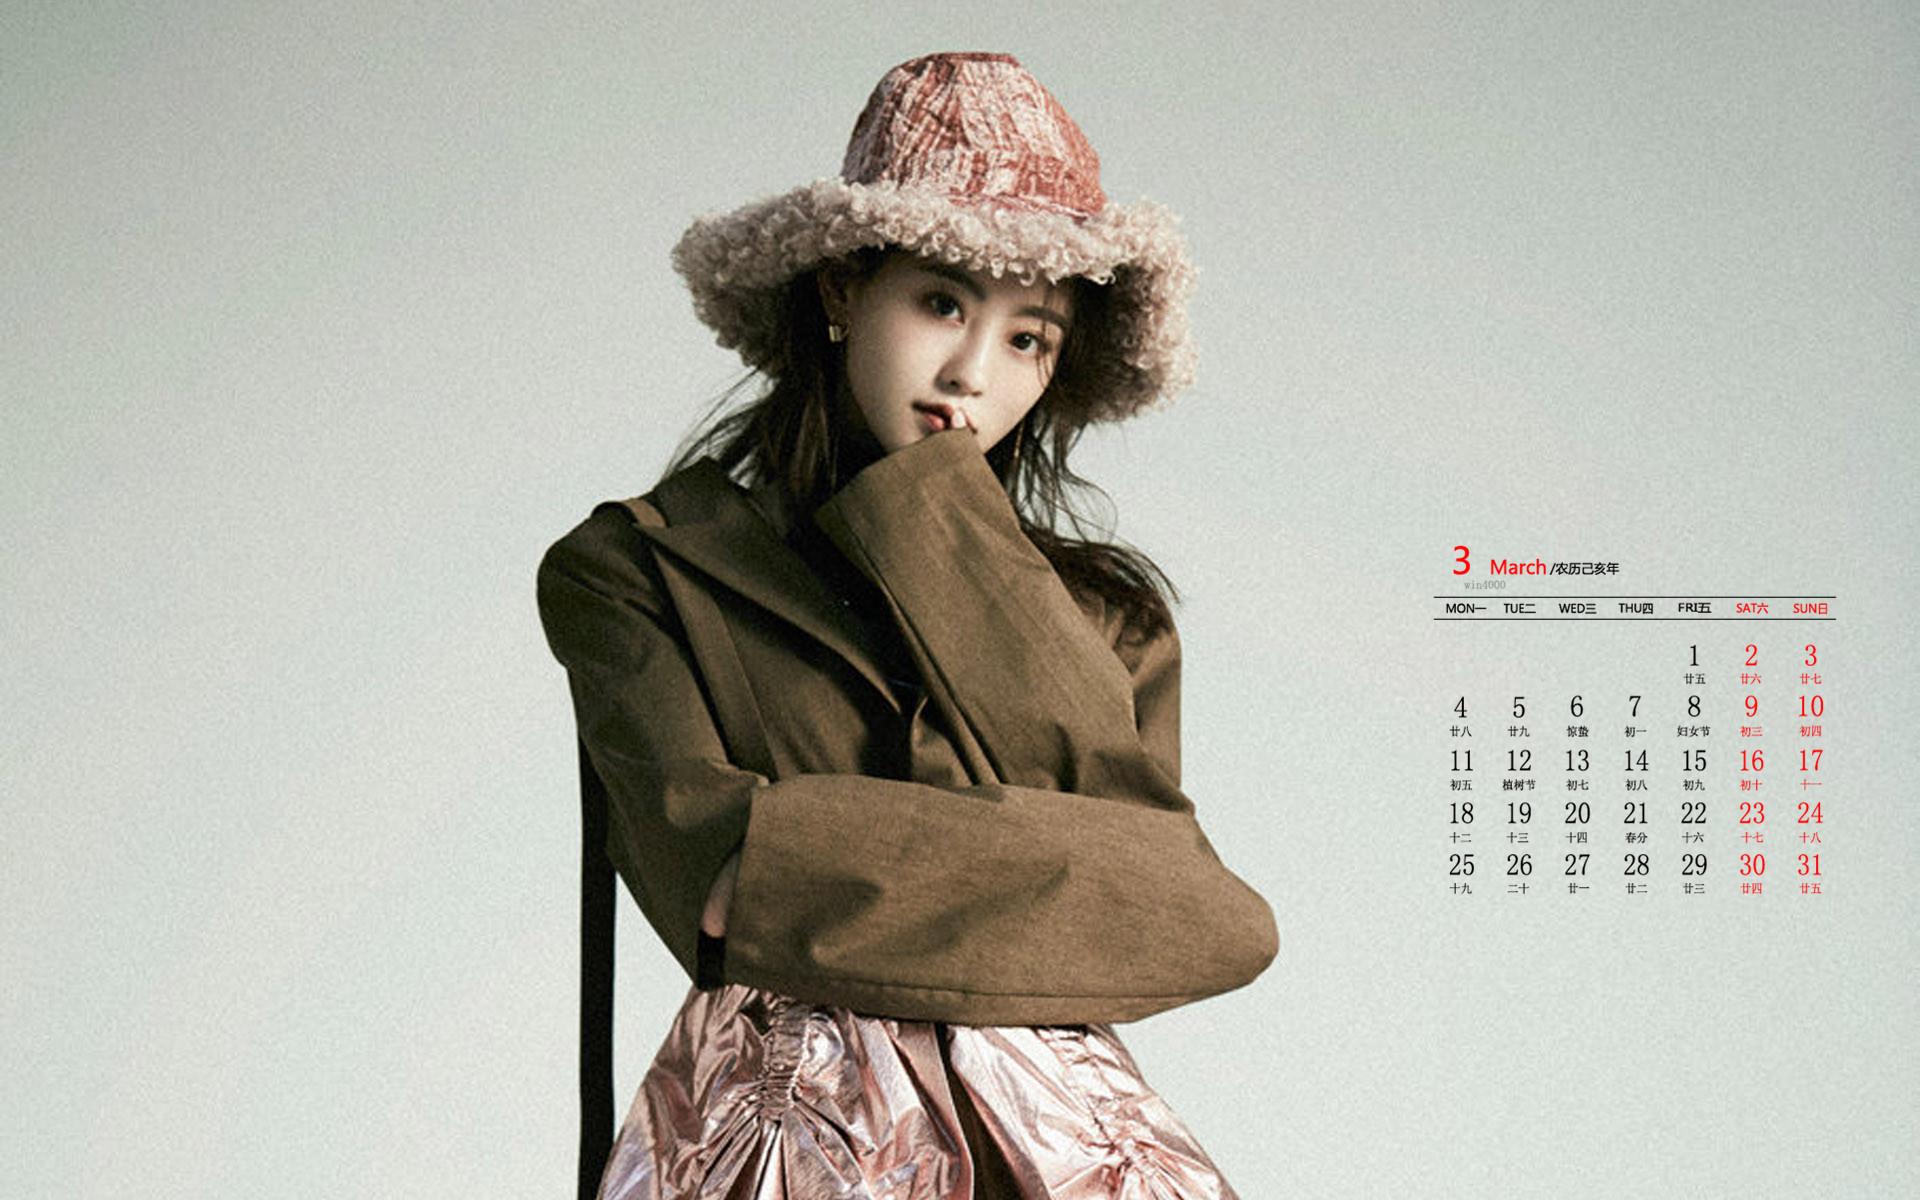 演员祝绪丹时尚黑色长裙写真日历壁纸